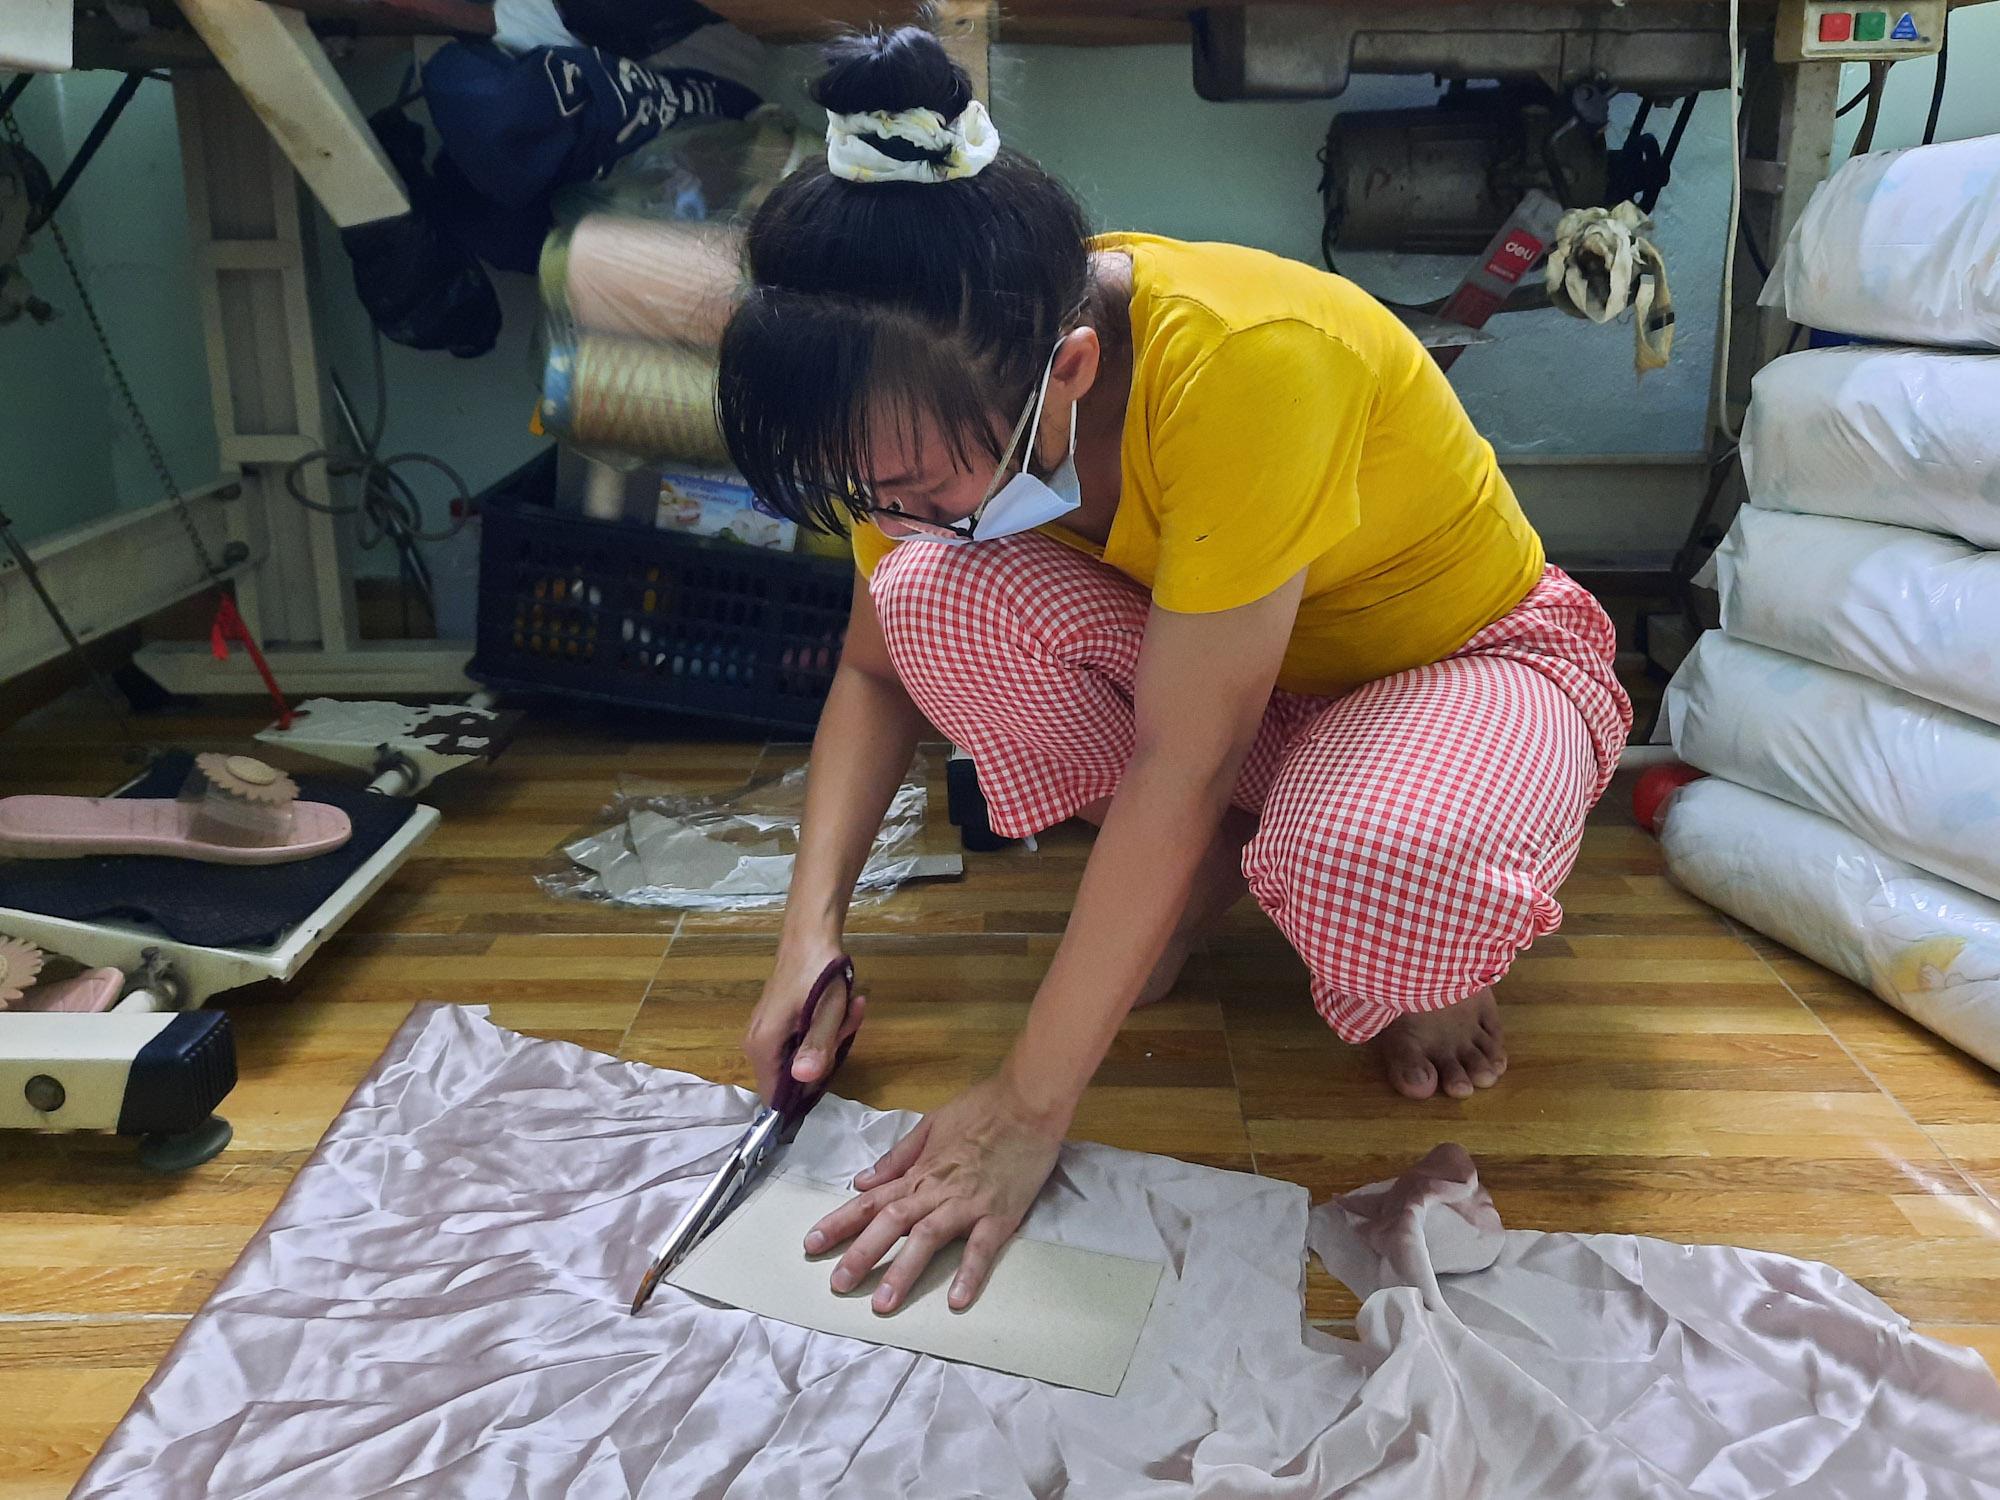 Chị Hà vừa được một người dân ở quận Gò Vấp gửi vải đến để chị ra rập, may mẫu quần áo. Ảnh: Diệp Phan.